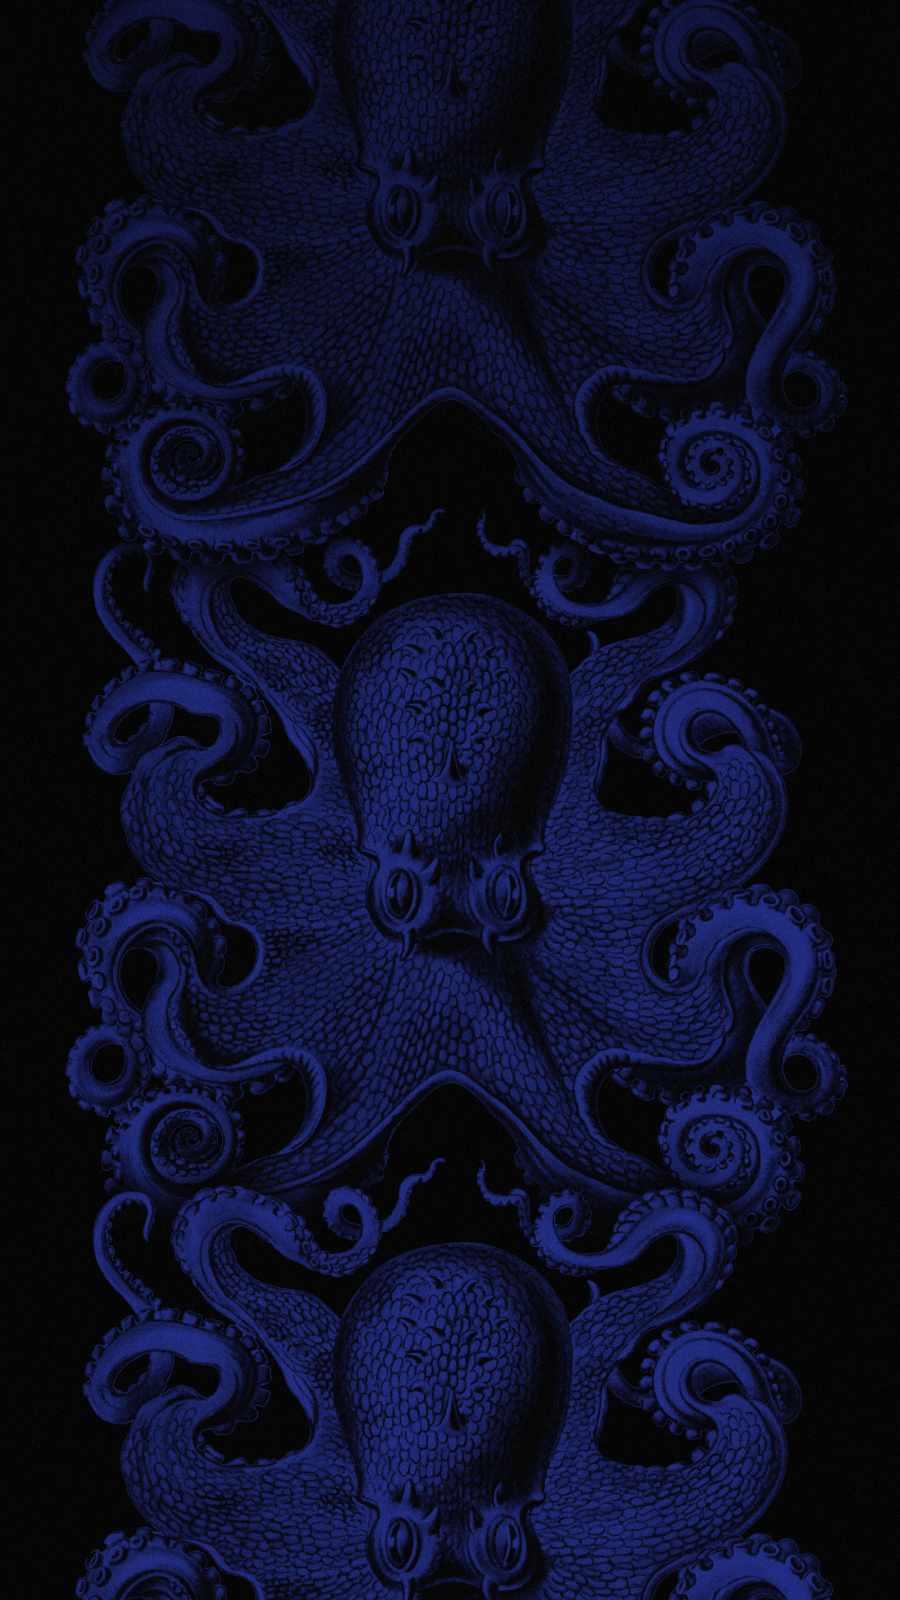 Octopus iPhone Wallpaper